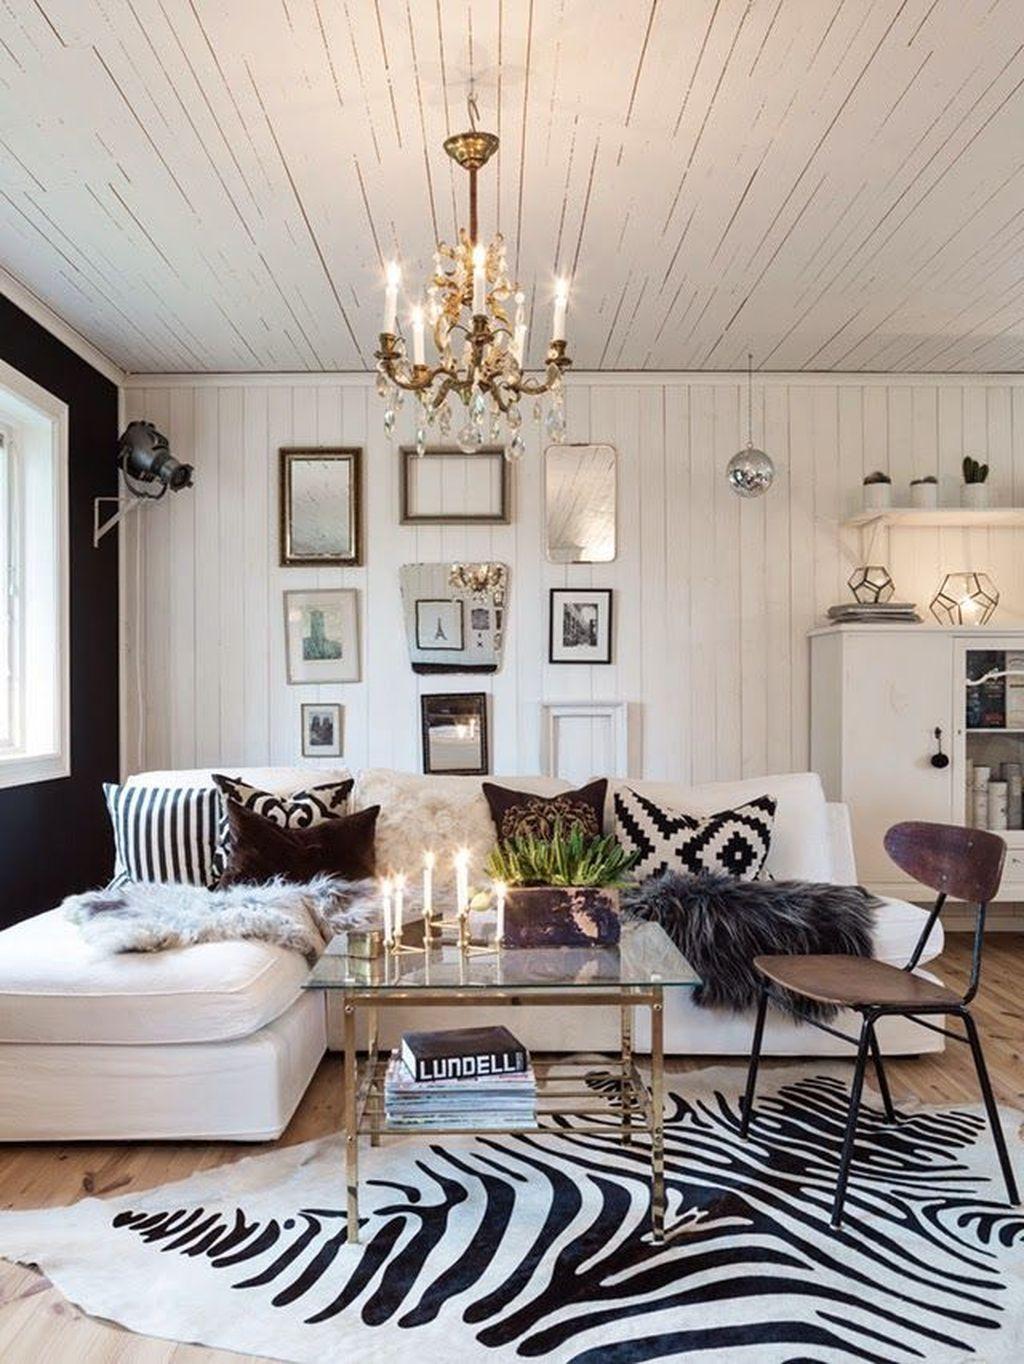 40 Stunning Zebra Print Ideas For Living Room Decoration Rugs In Living Room Zebra Living Room Living Room Carpet Living room ideas zebra